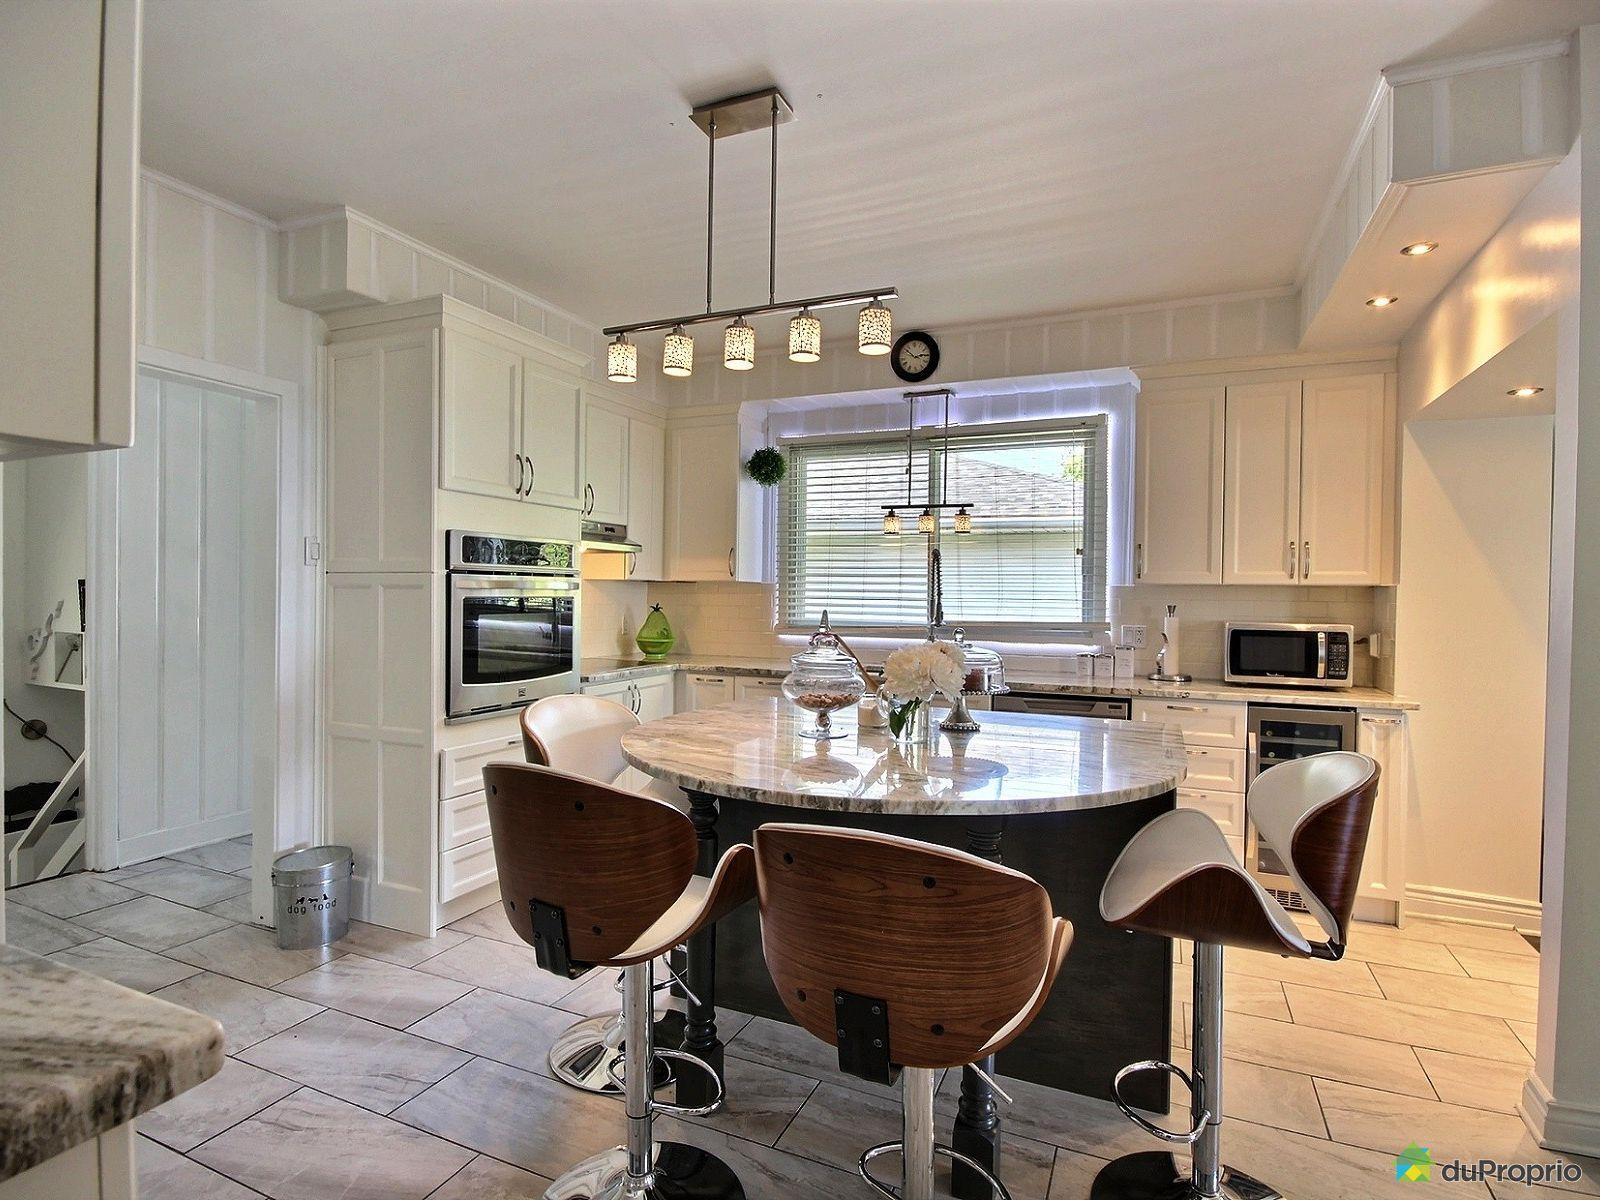 Maison vendre montr al 199 chemin du bord du lac for Ares cuisine pointe claire